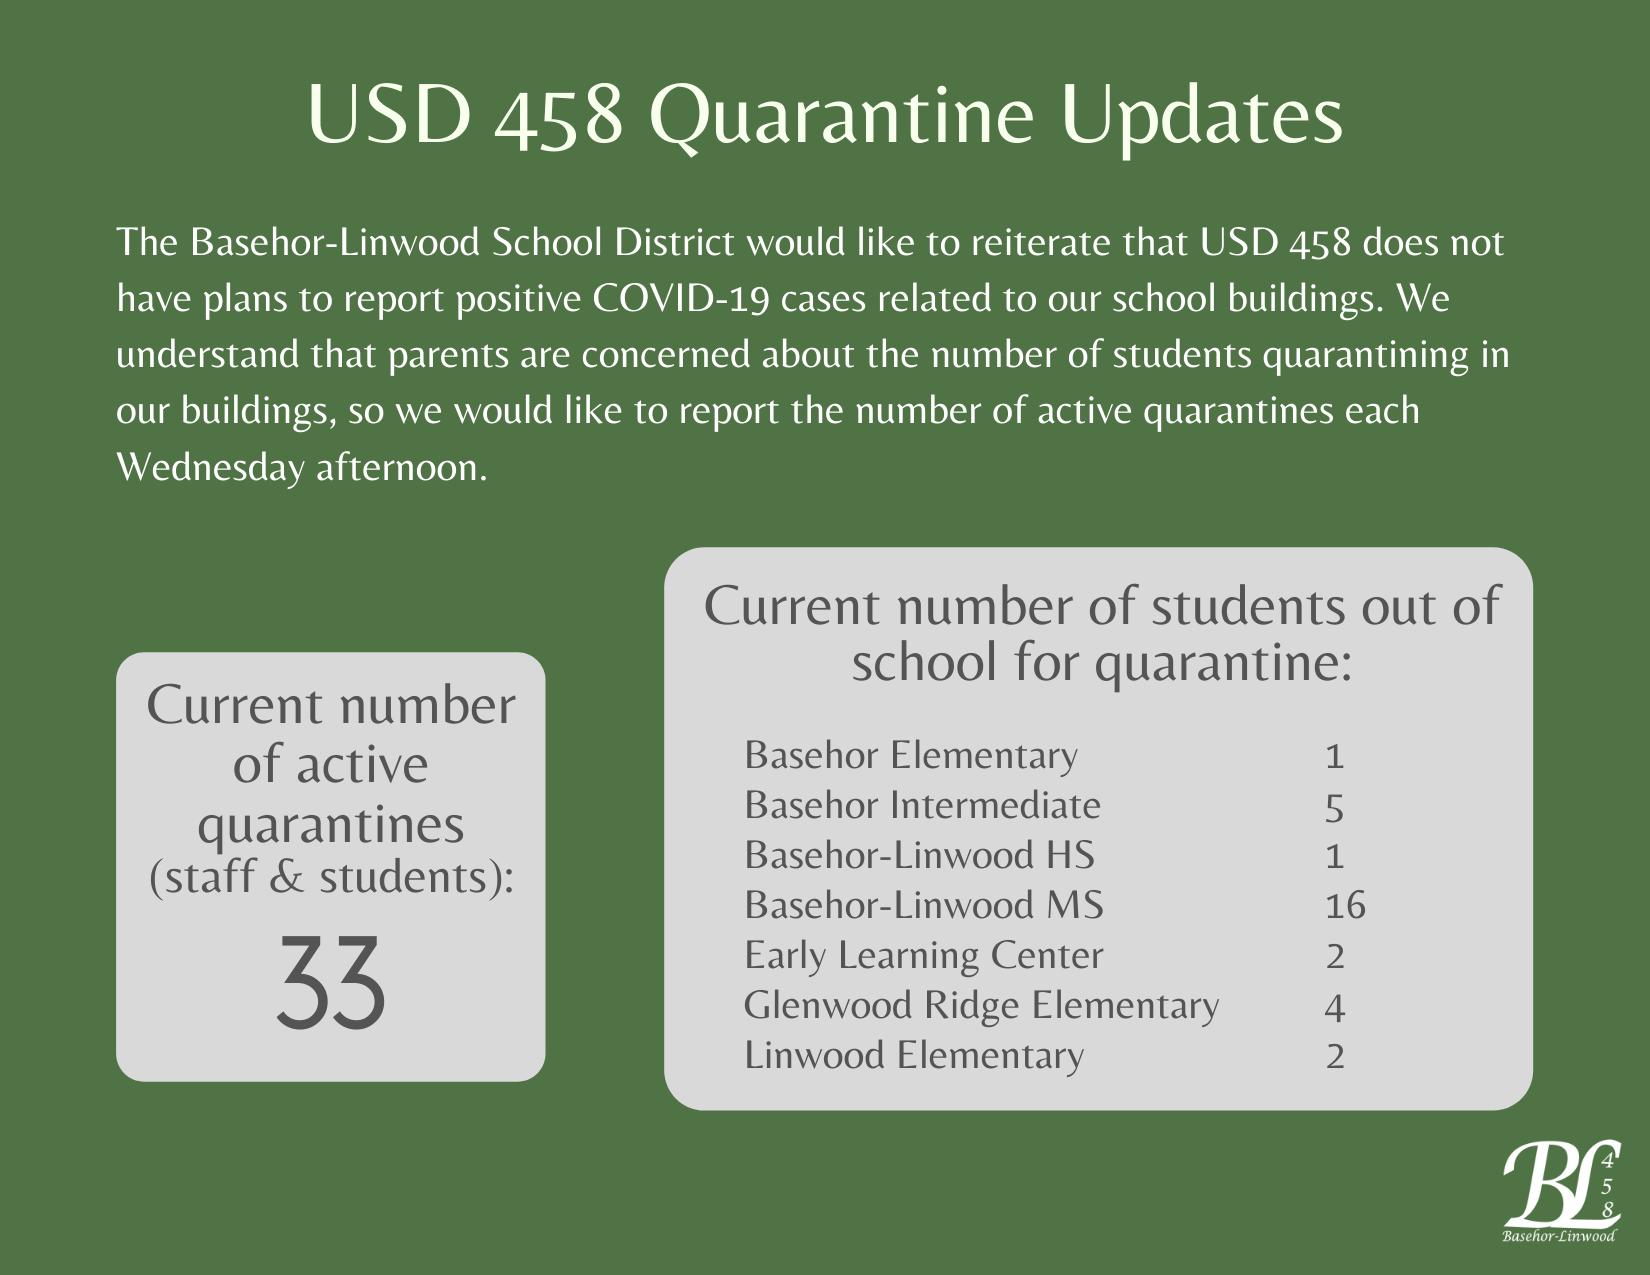 33 quarantines